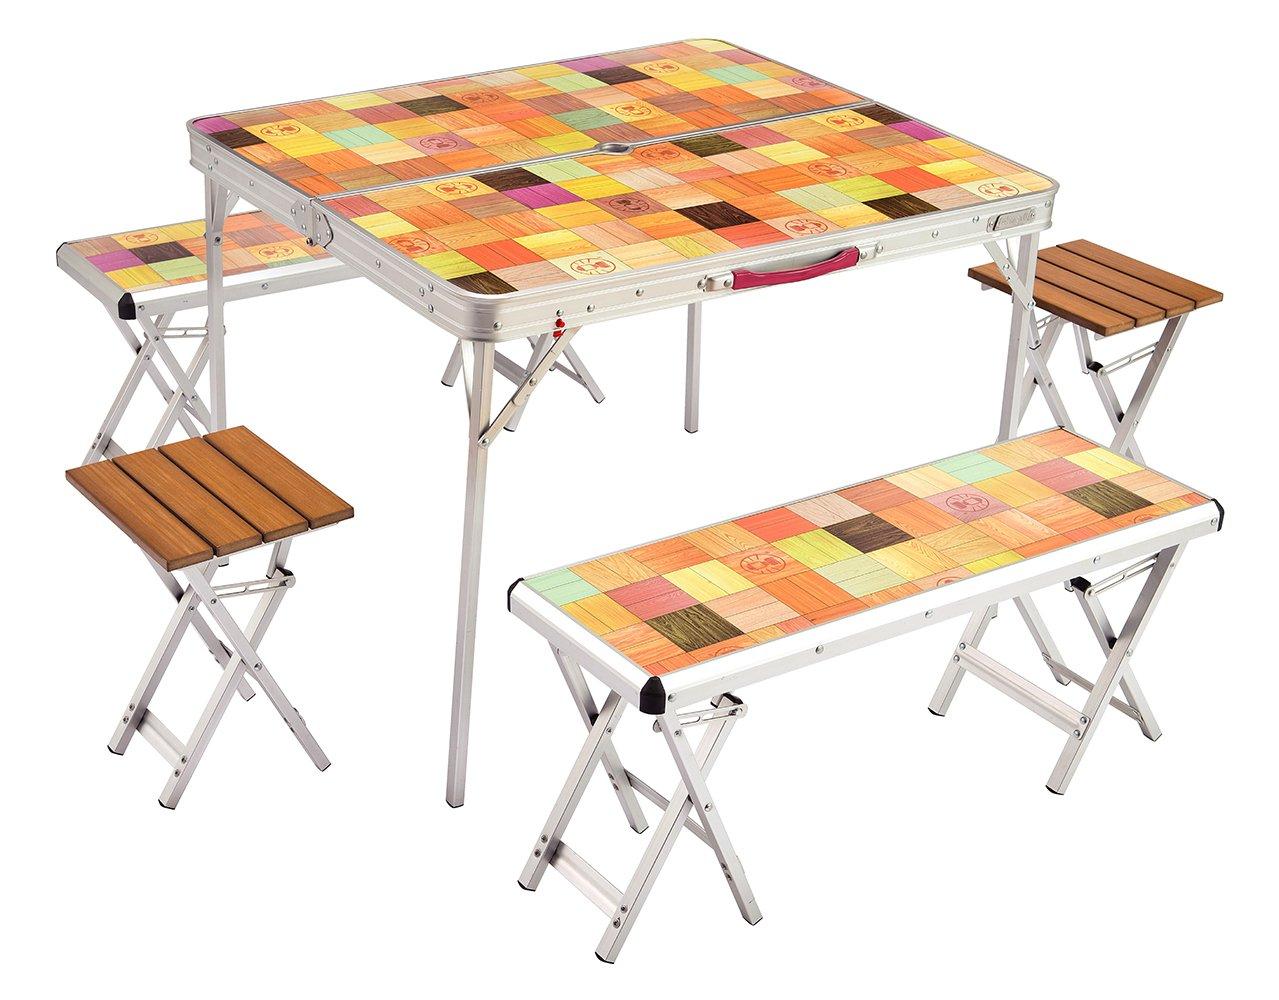 コールマン テーブル ナチュラルモザイクファミリーリビングセットプラス 2000026757 B01ABDWZJY